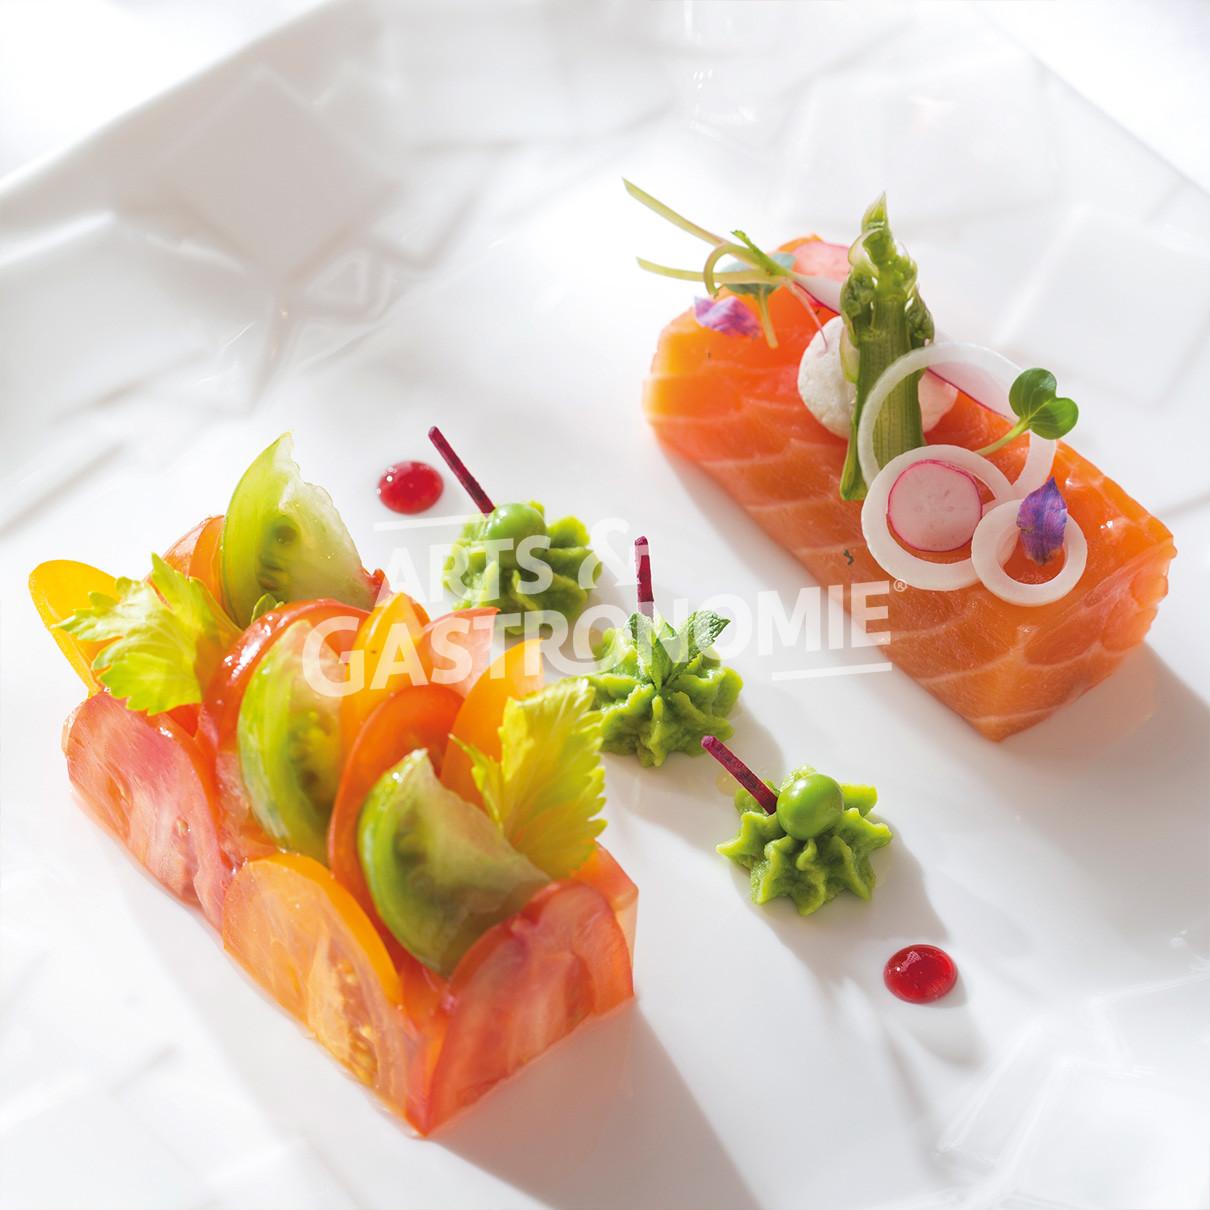 saumon bio cuit au sel fum chantilly de petits pois la menthe arts gastronomie. Black Bedroom Furniture Sets. Home Design Ideas